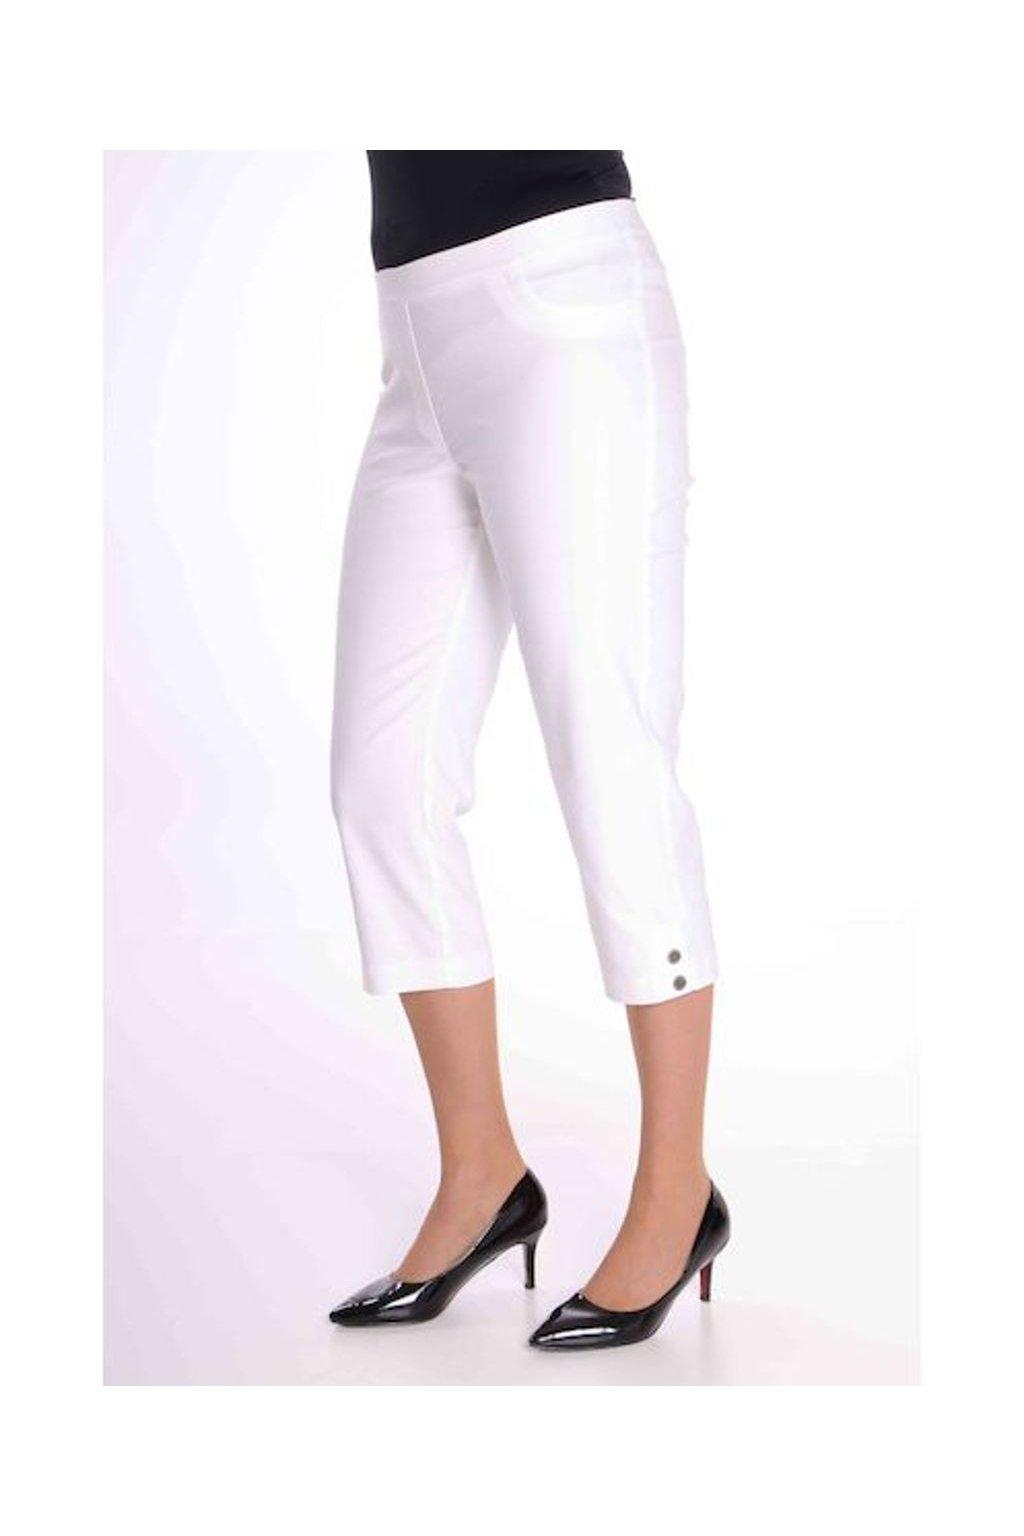 69T Kalhoty Julie (Velikost 36, Barva Smetanová)